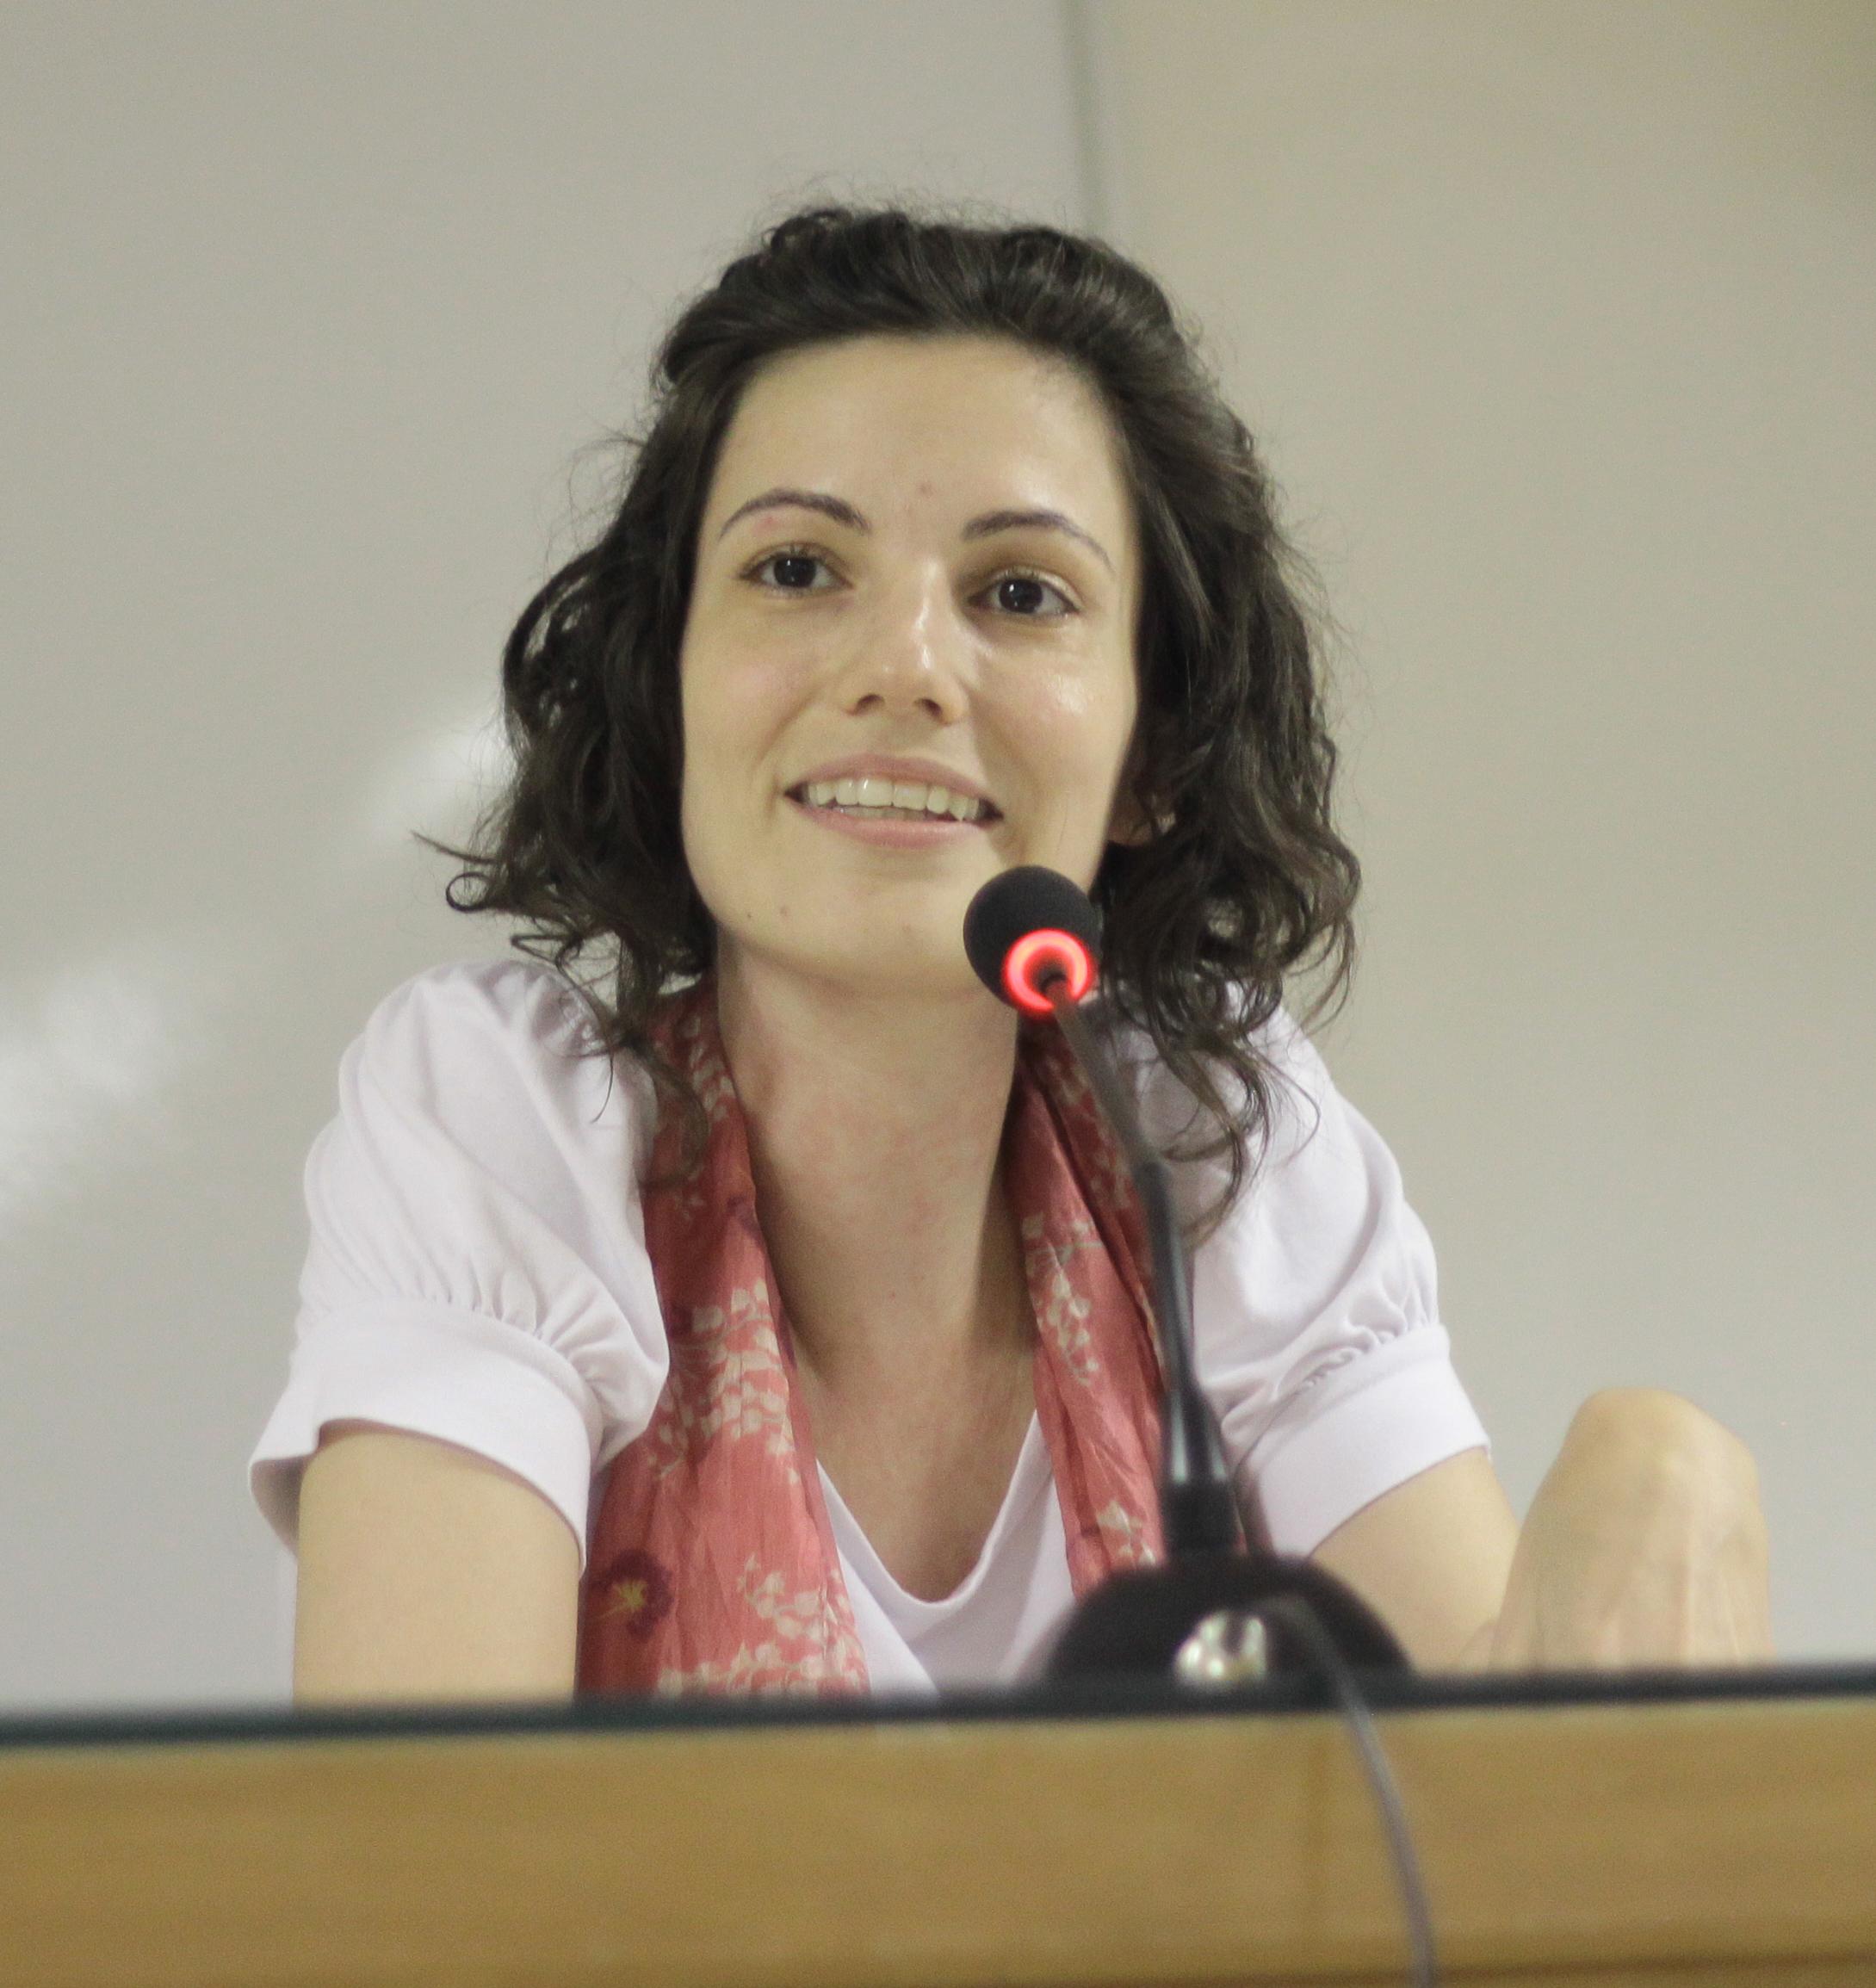 Maira Kubik Mano é doutora em Ciências Sociais, professora da Ufba e do Programa de Pós Graduação em Estudos Interdisciplinares sobre Mulheres, Gênero e Feminismo. Pesquisadora do Núcleo de Estudos Interdisciplinares sobre a Mulher (Neim/Ufba)